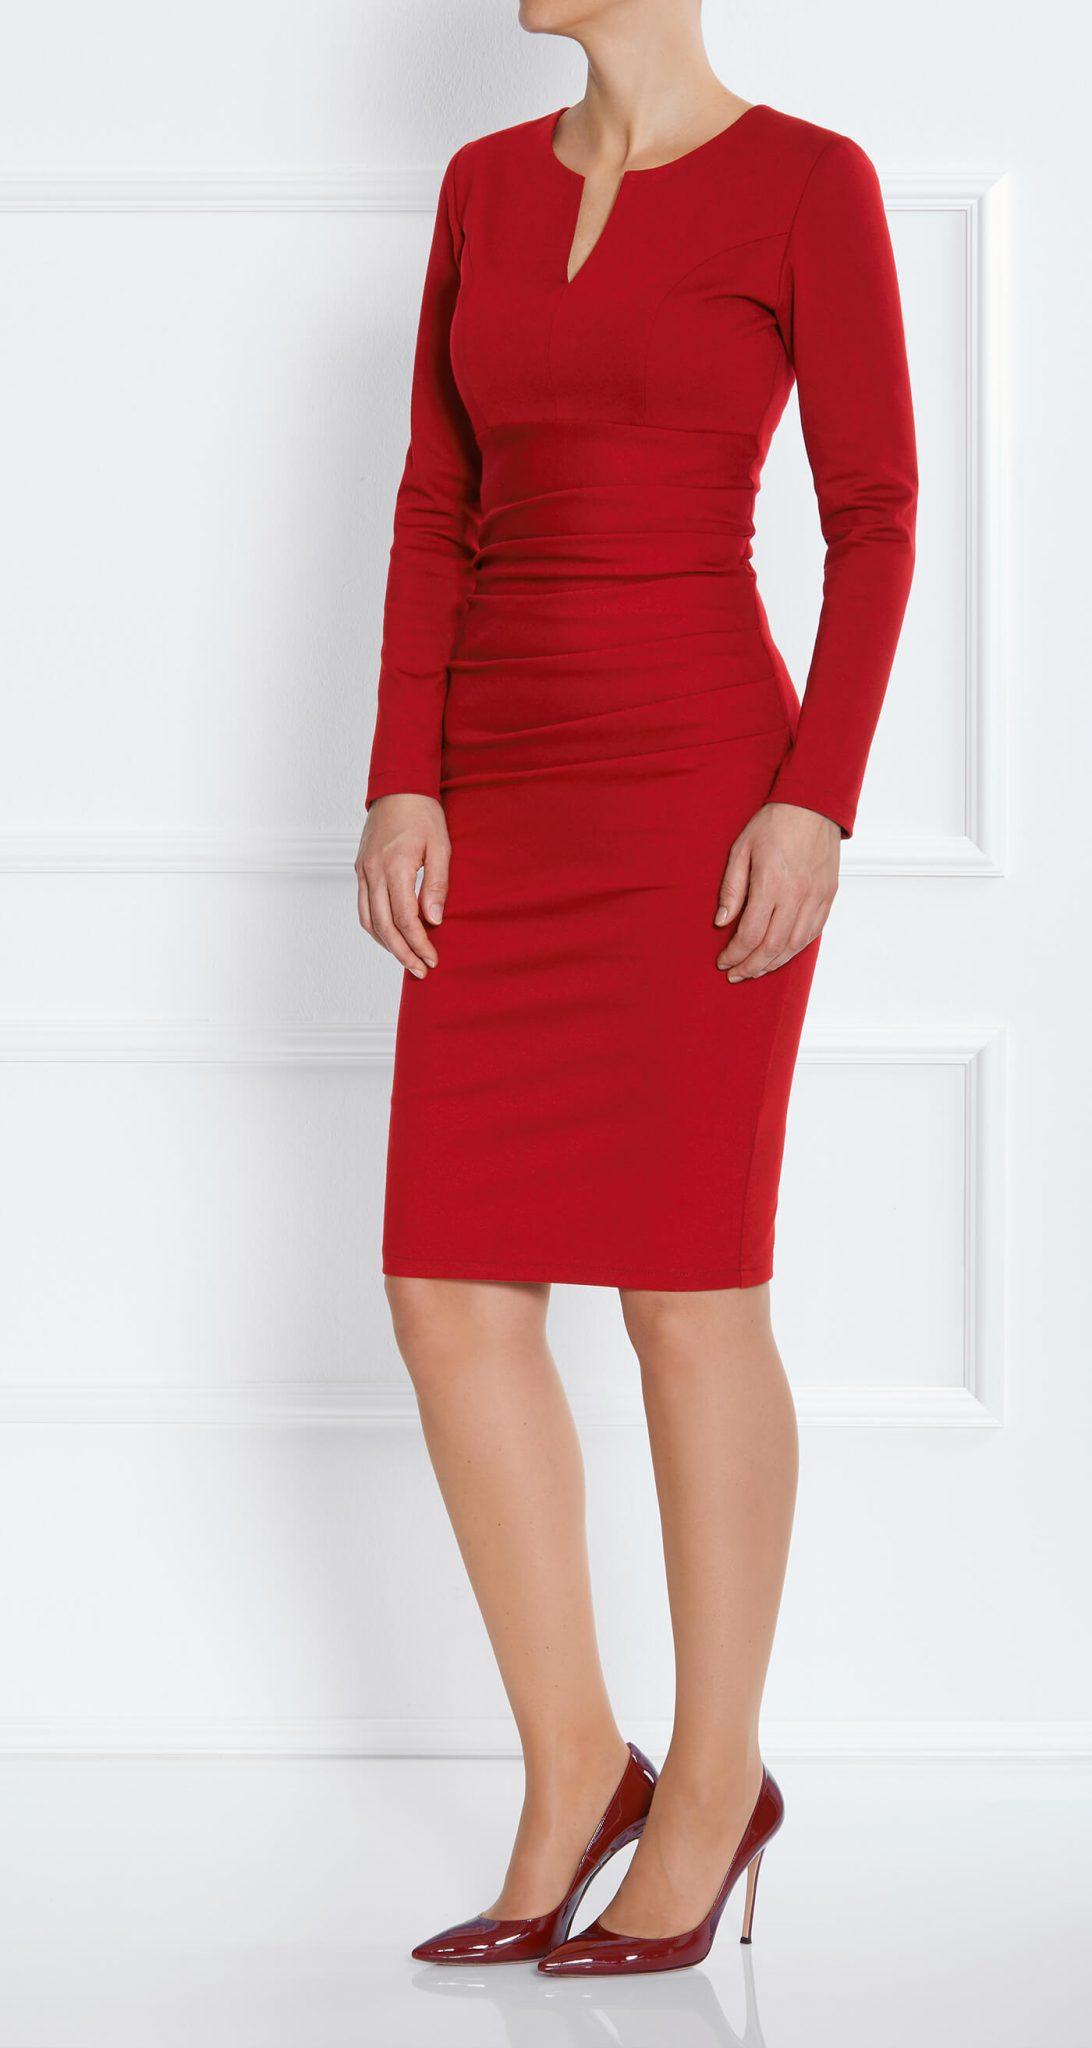 AMCO Fashion by Annett Möller | AMCO SAVANNA DRESS | Stretch-Kleid | Flamenco Red | Business Kleid | für große Frauen